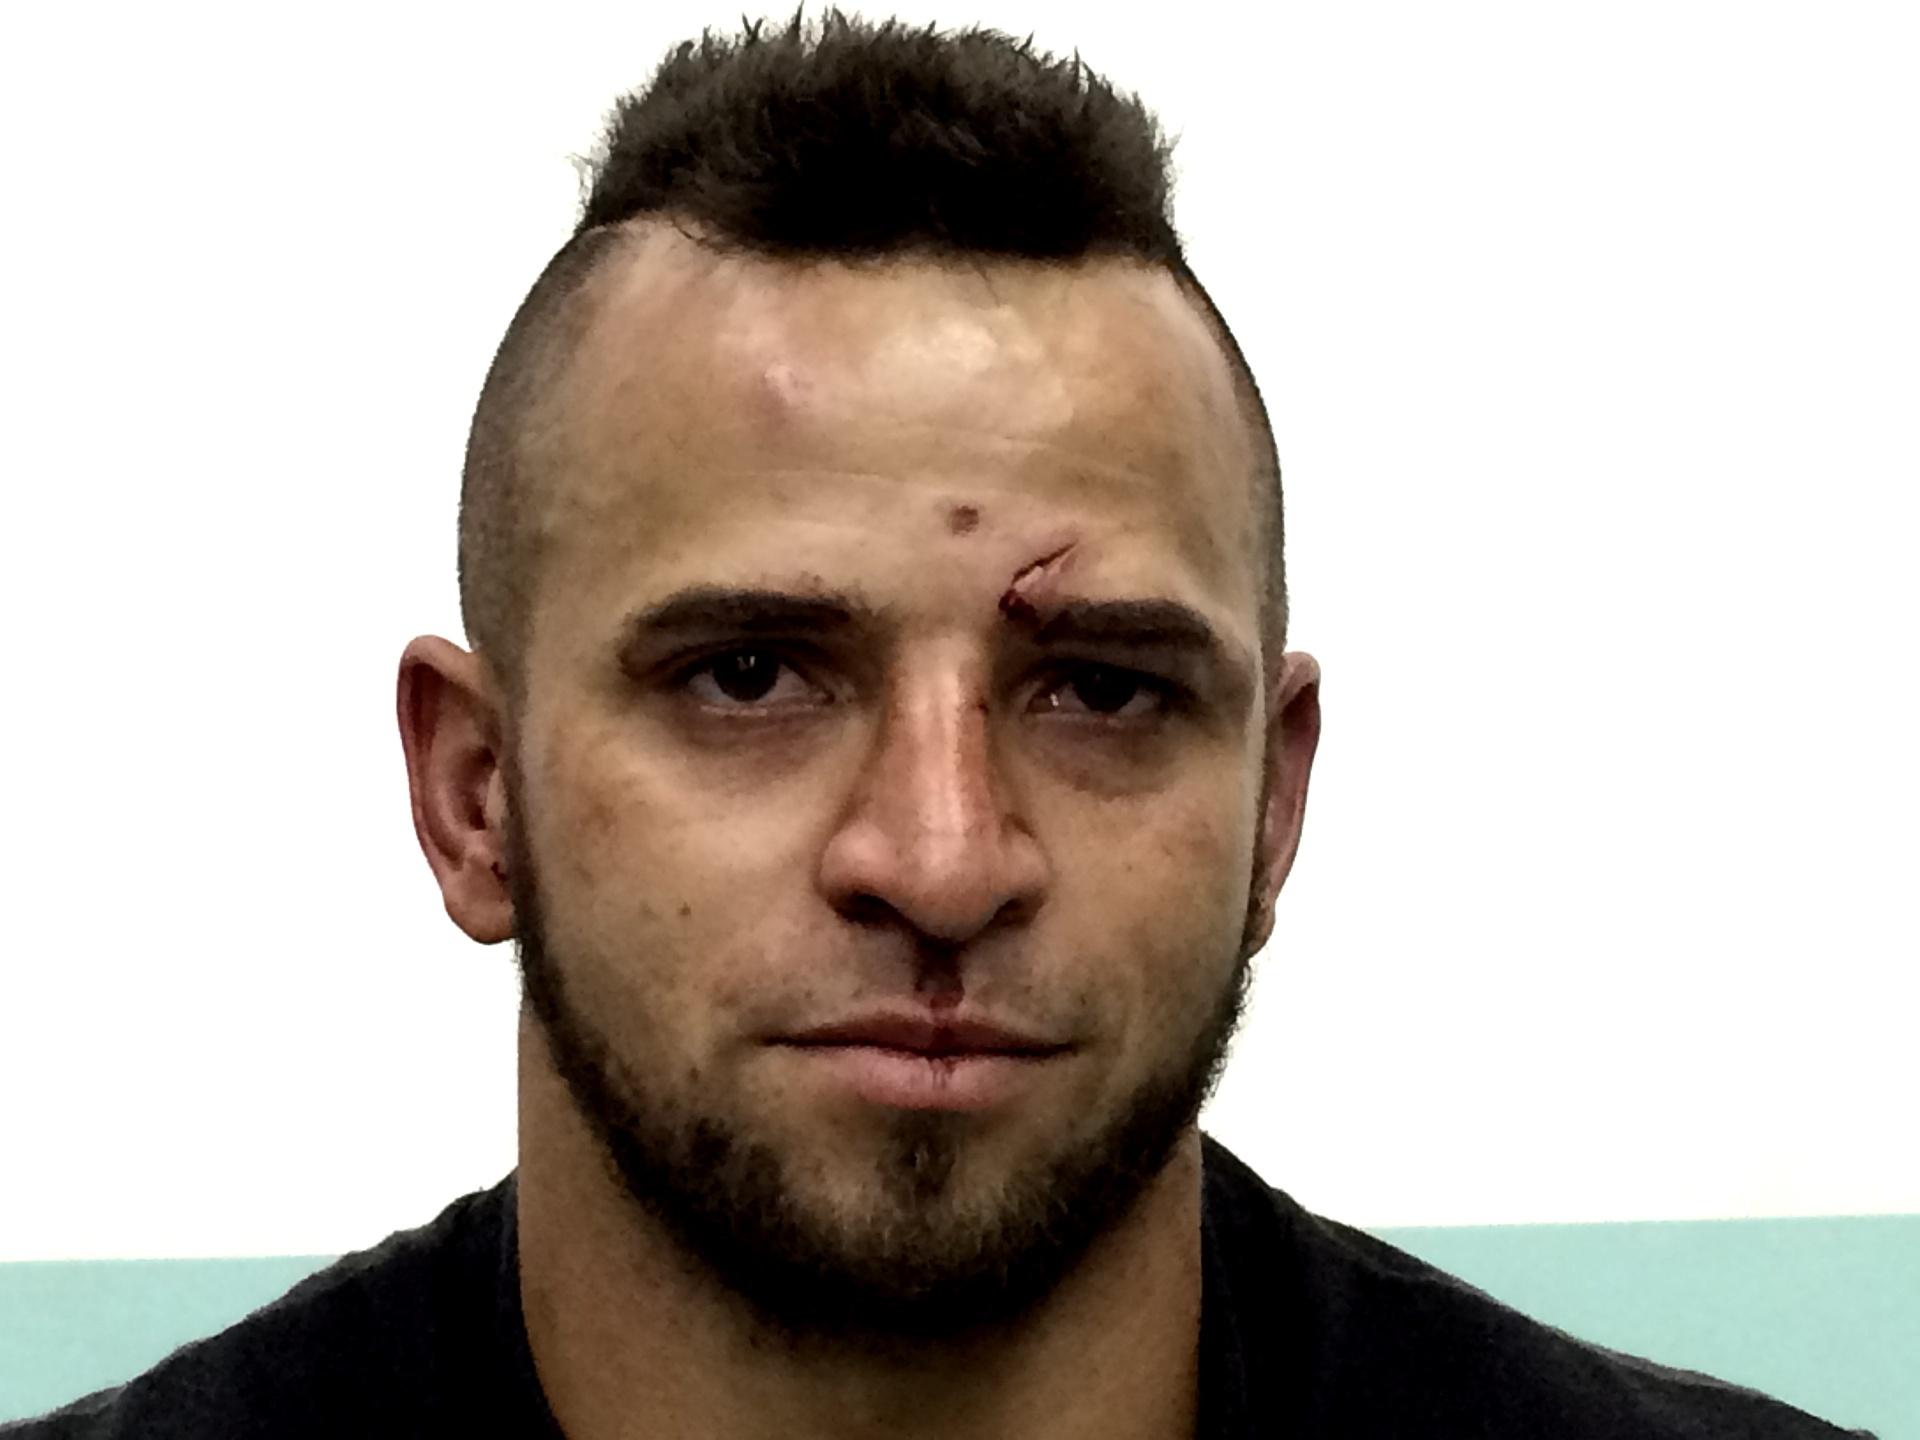 Thiago Tubarão recebeu cotoveladas no supercílio e perdeu luta para Anderson Berinja em torneio de MMA